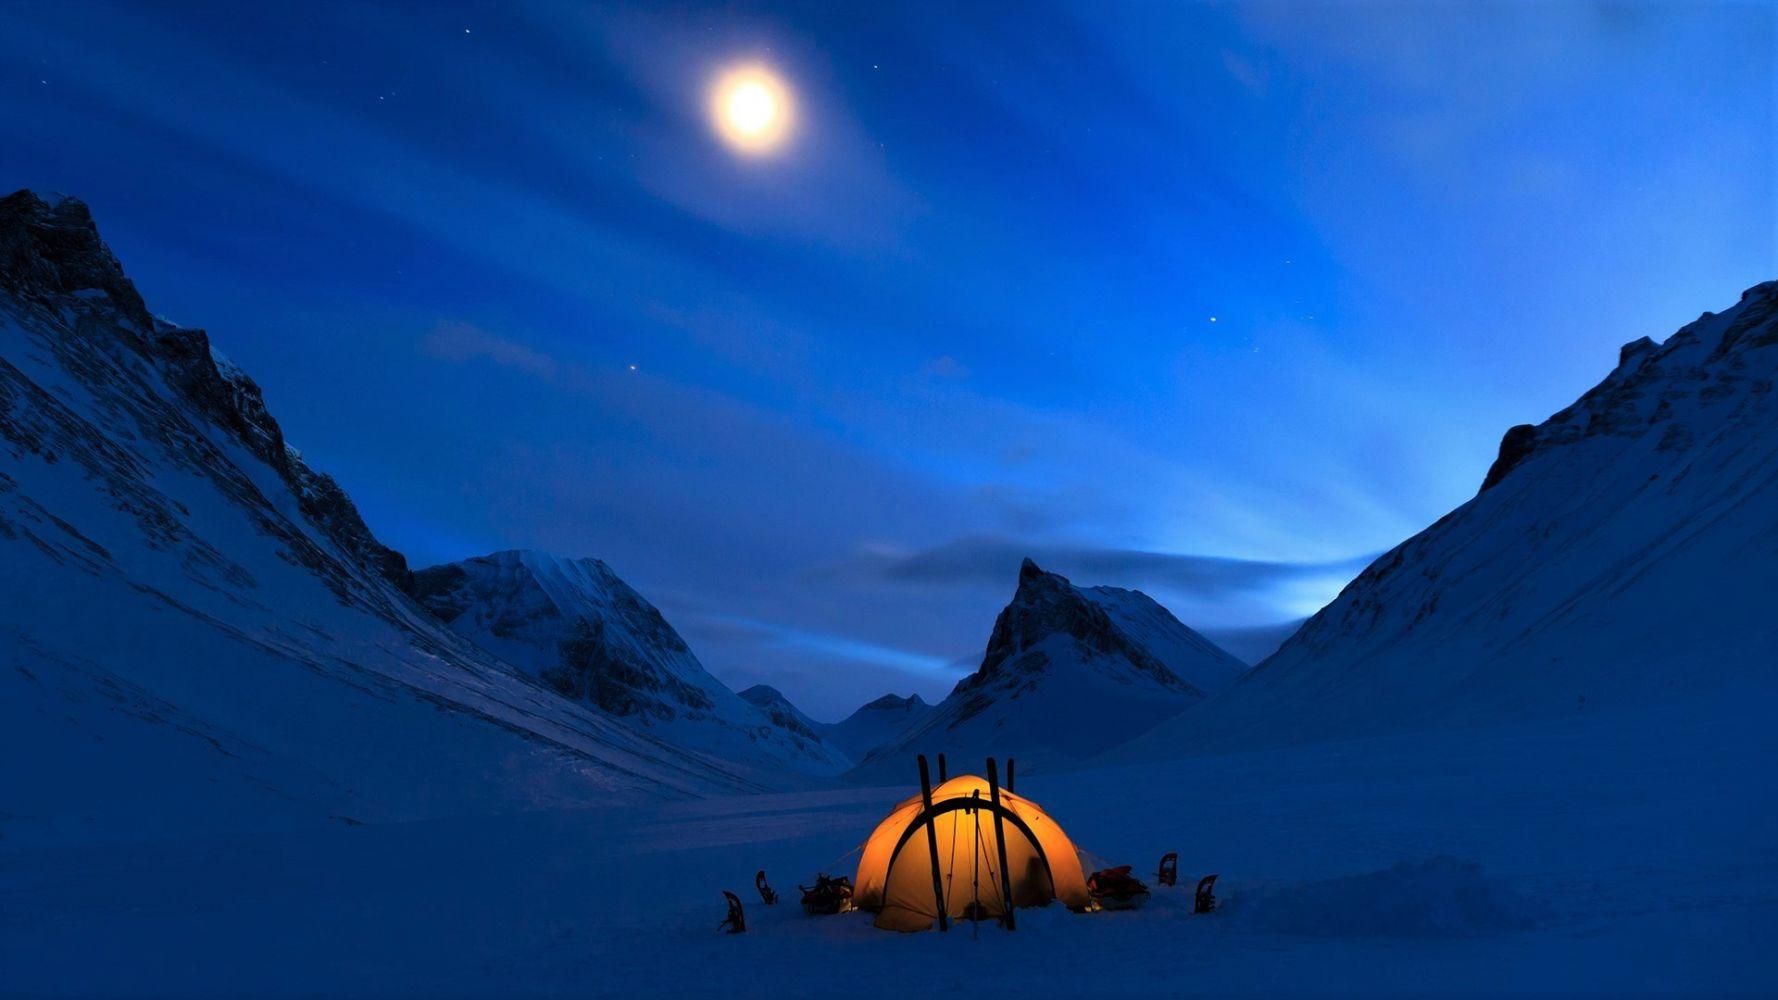 Обои на рабочий стол палатка в горах